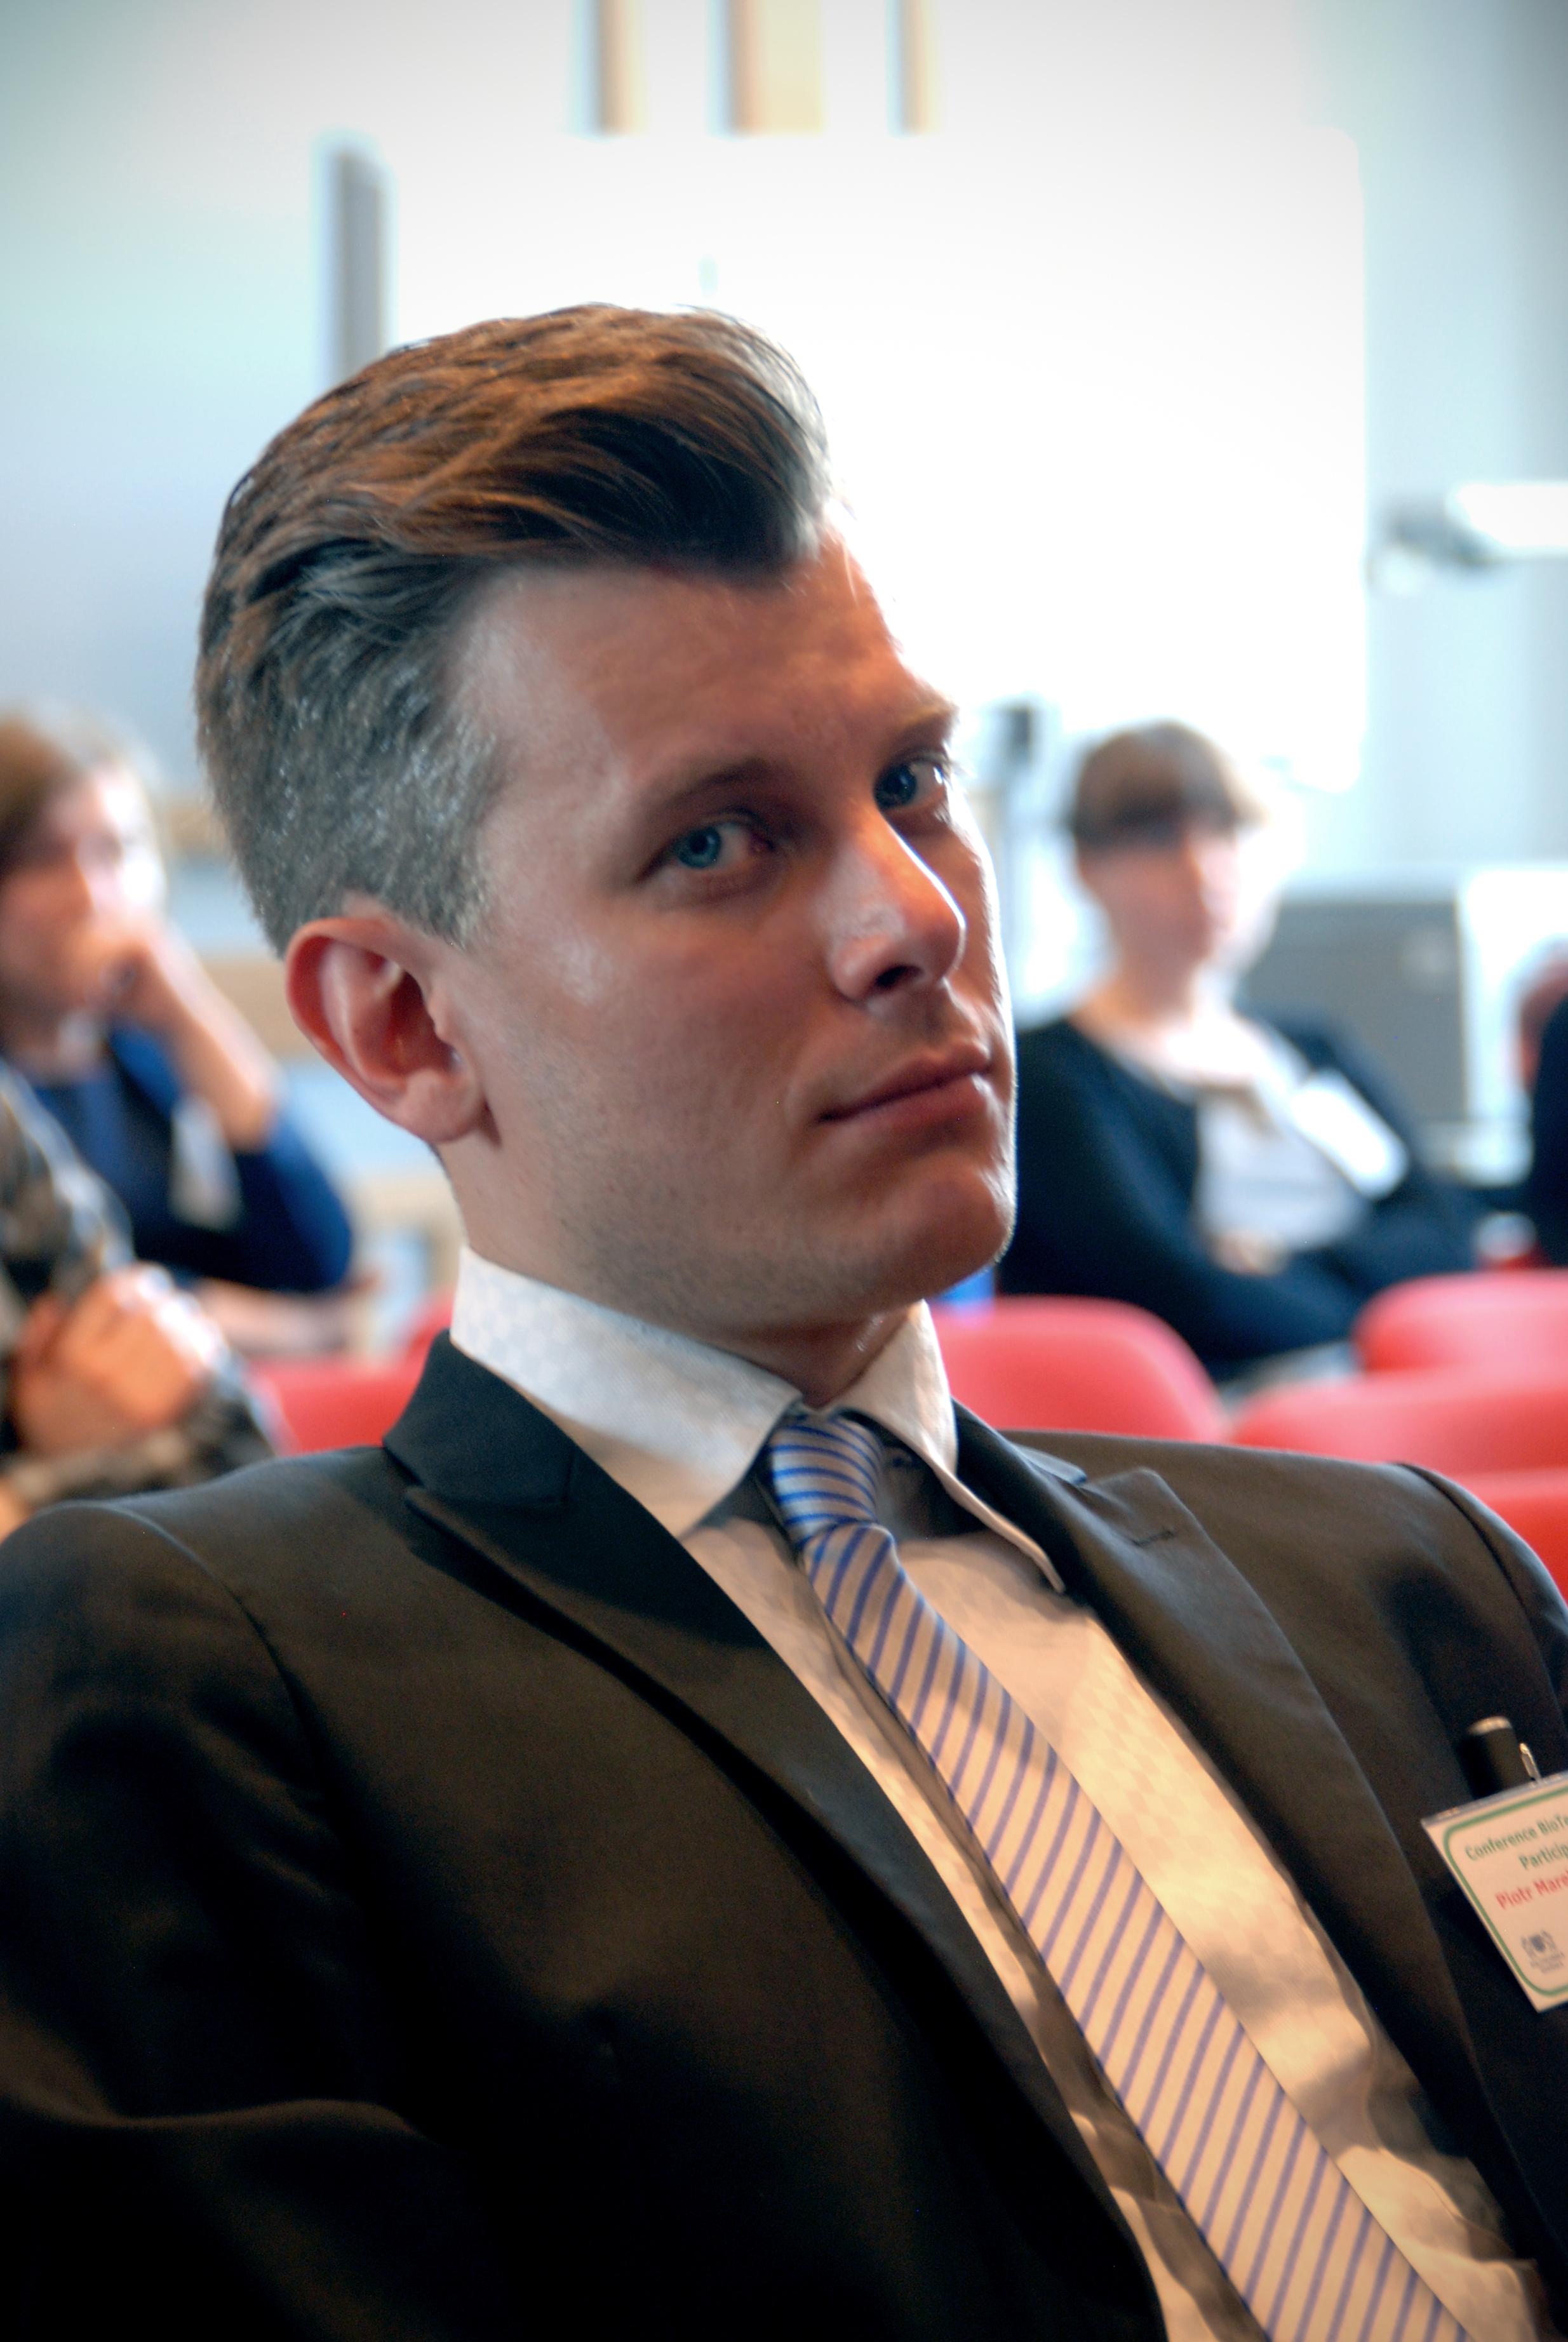 Piotr Marek Smolnicki